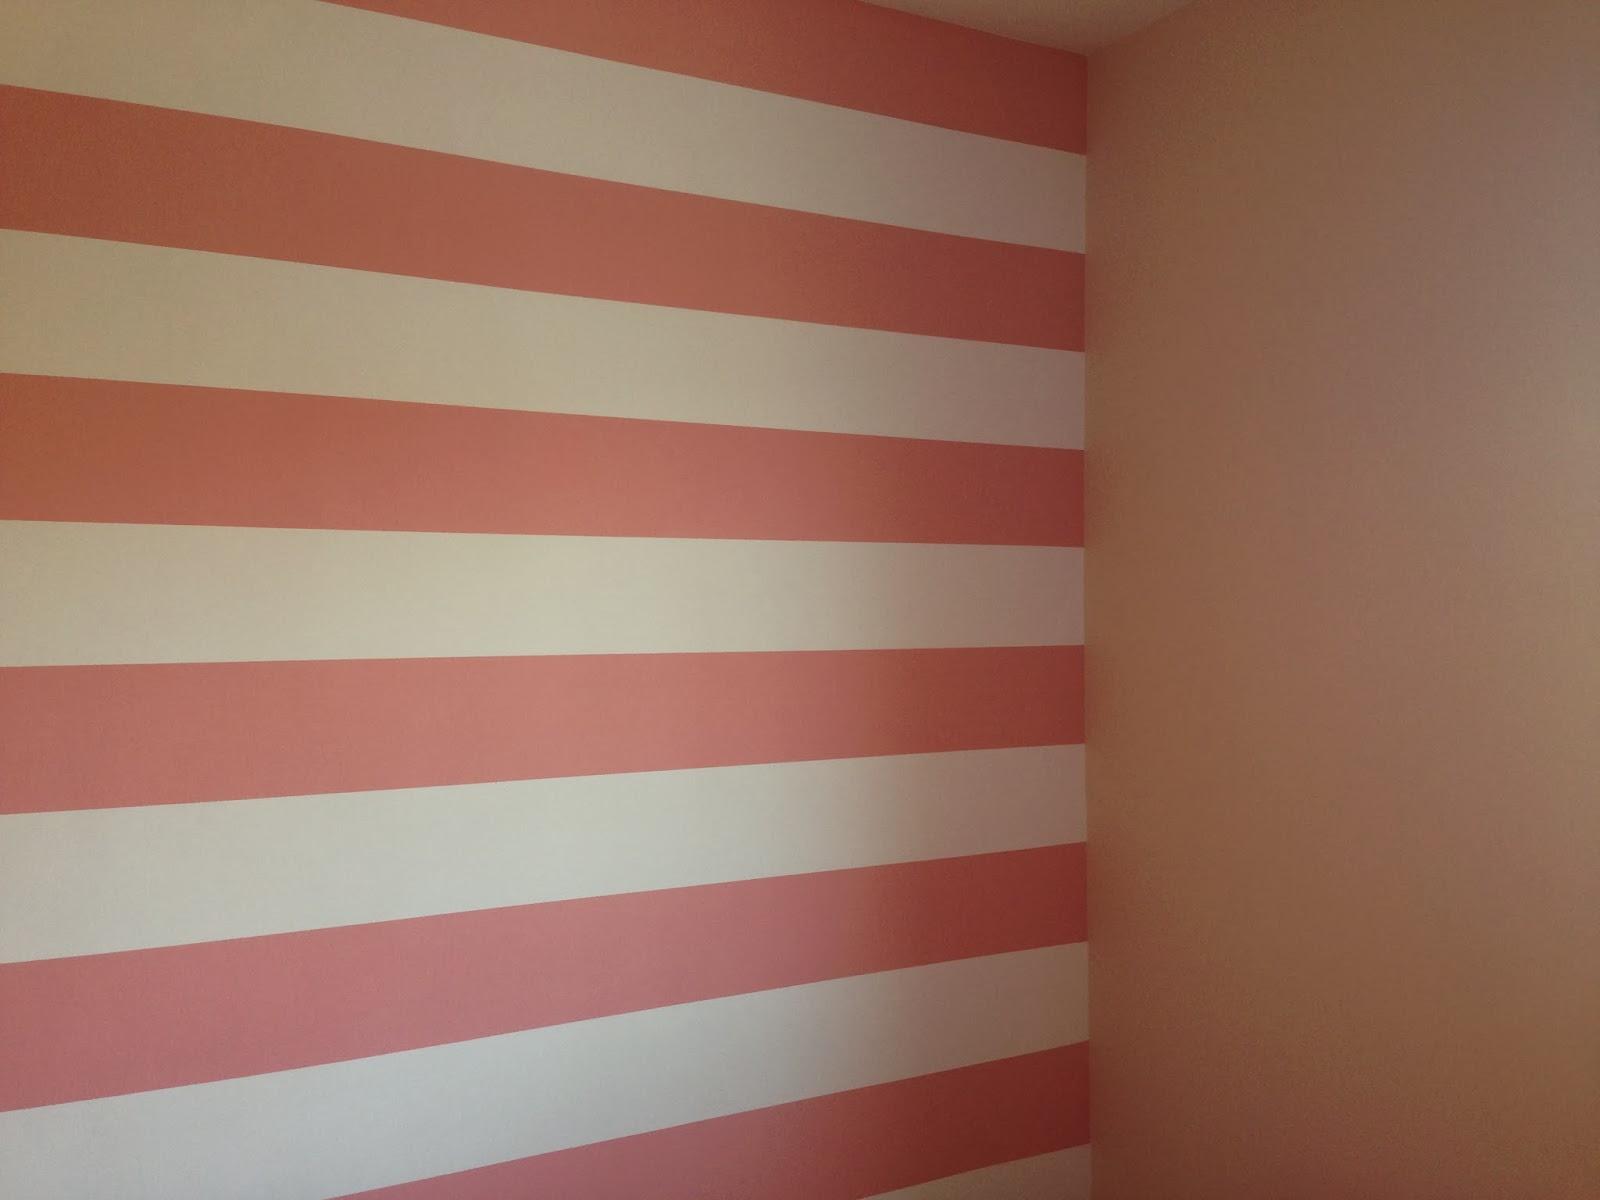 Pinturas veriax s l paredes a rayas - Como mezclar colores para pintar paredes ...